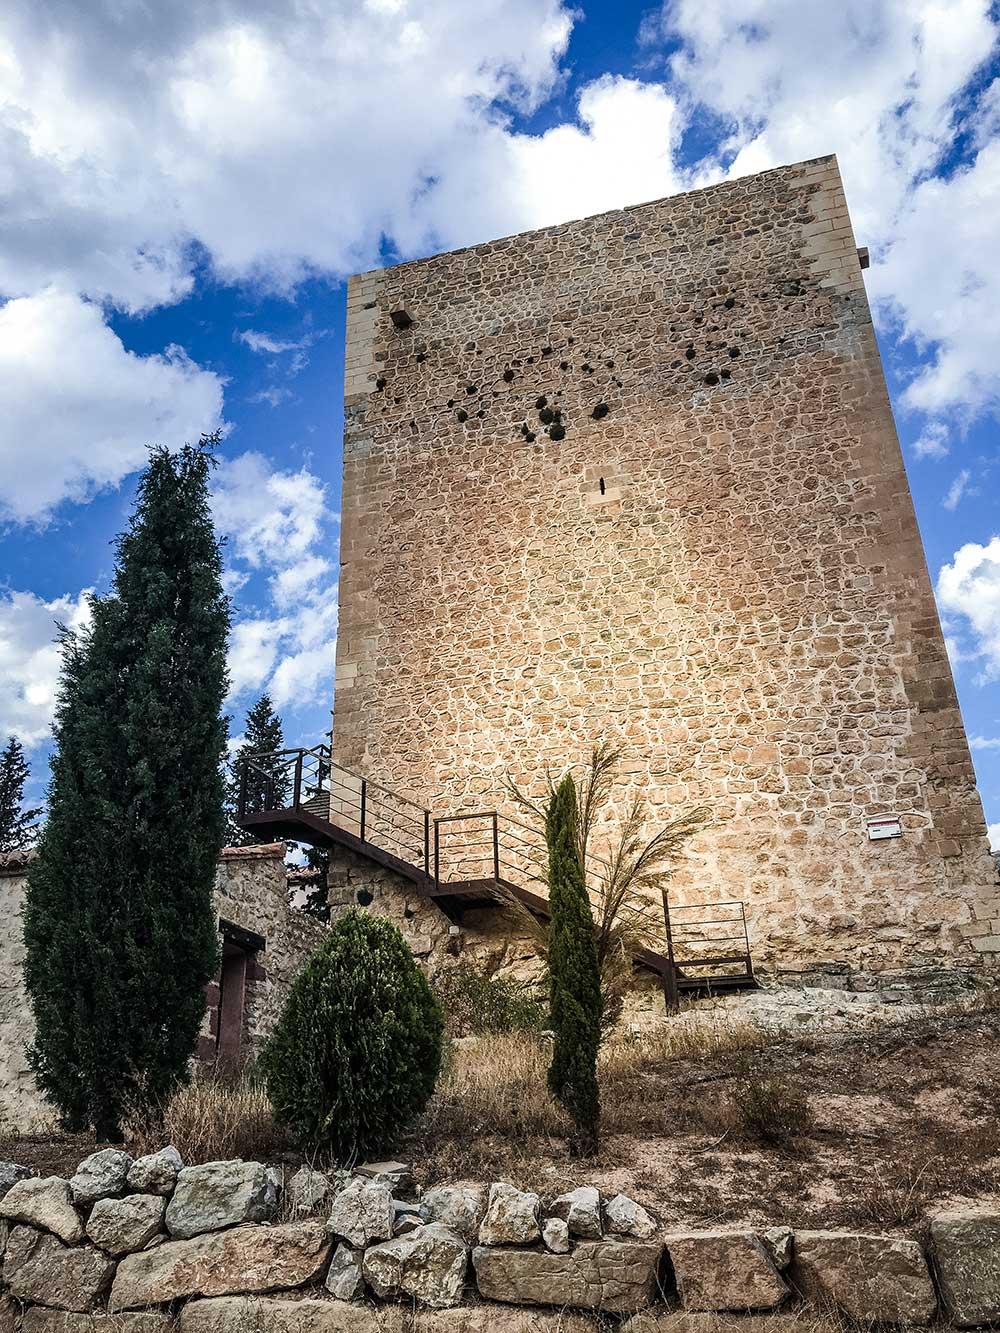 Imagen de la Torre de Doña Blanca en Albarracín